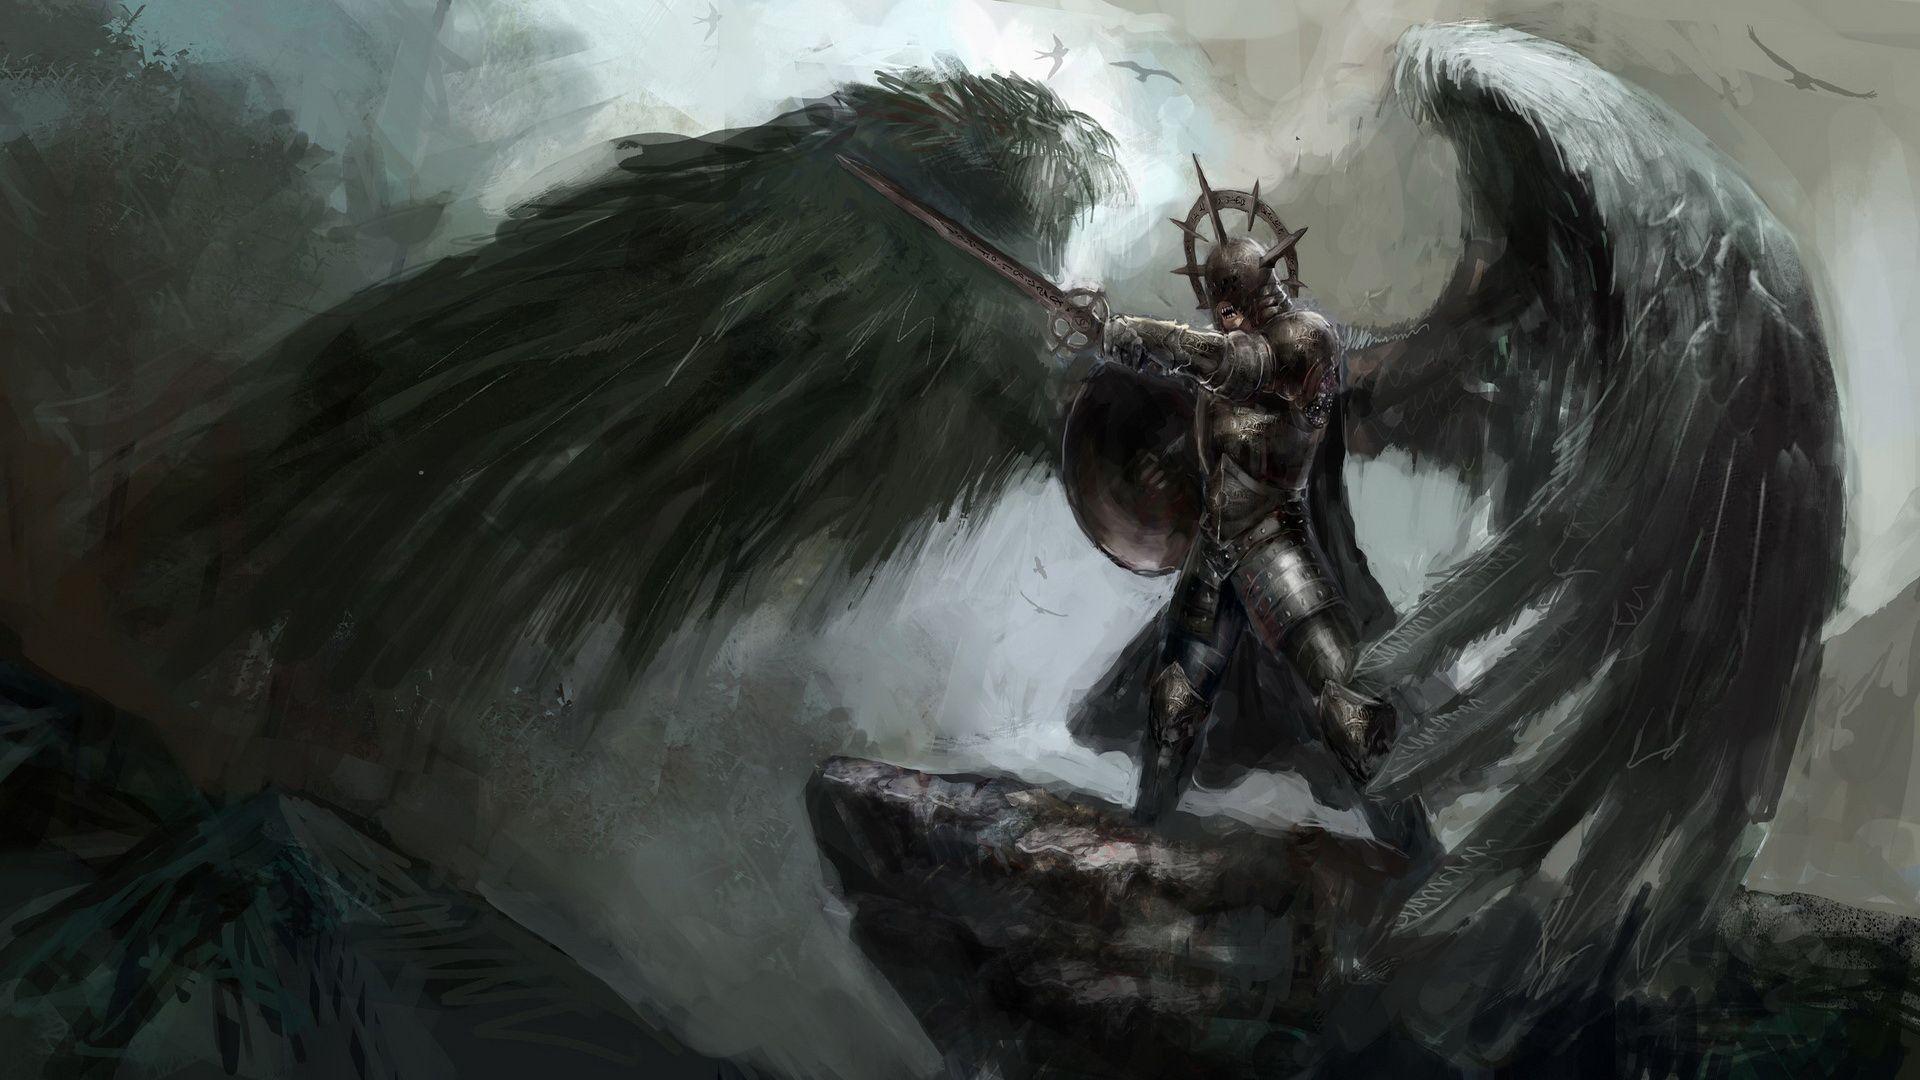 Anjos Guerreiros Wallpaper Hd Pesquisa Google Anjos E Demonios